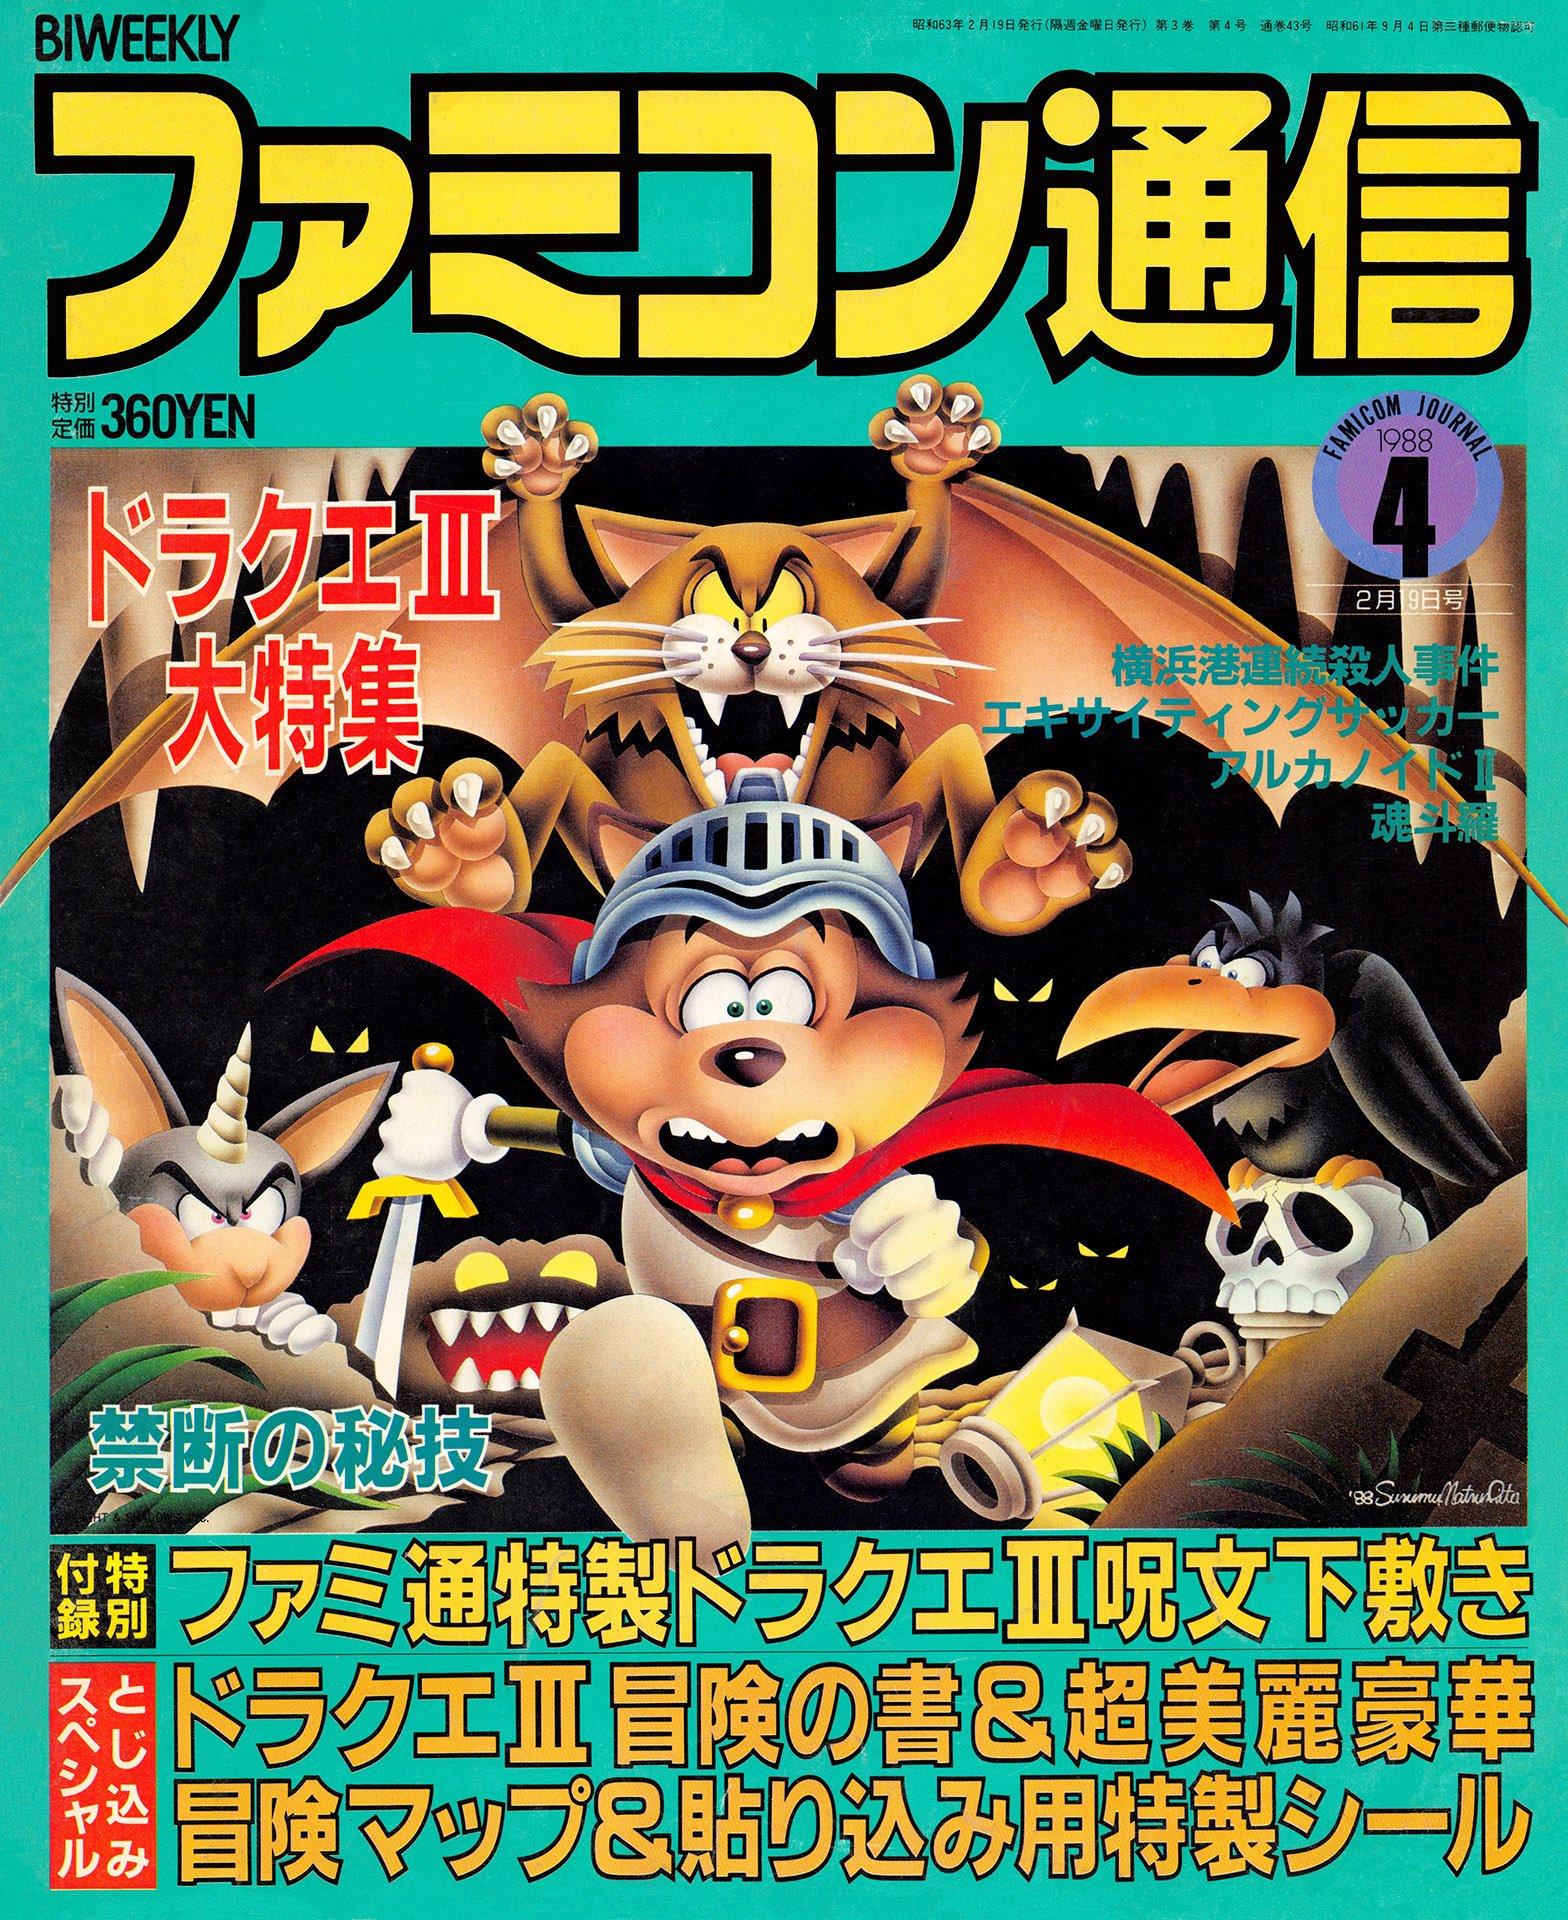 2126189876_Famitsu0043February191988.jpg